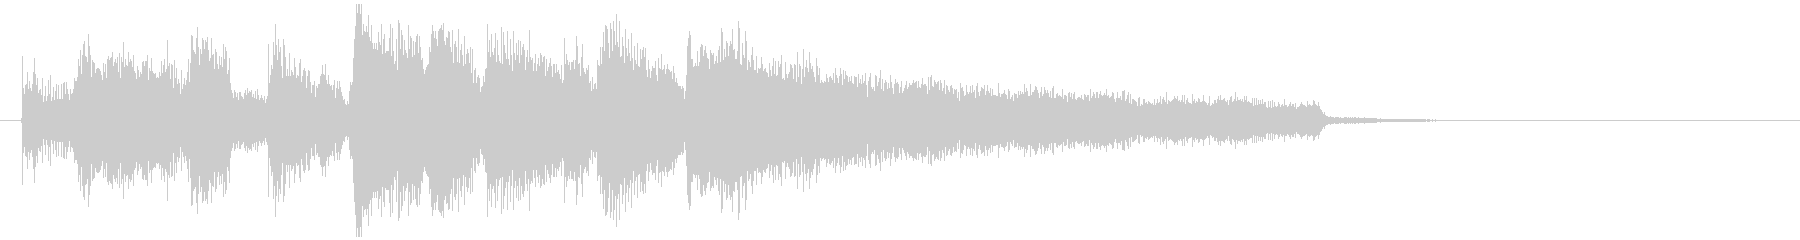 明るいジャズ・サックスのジングルの未再生の波形